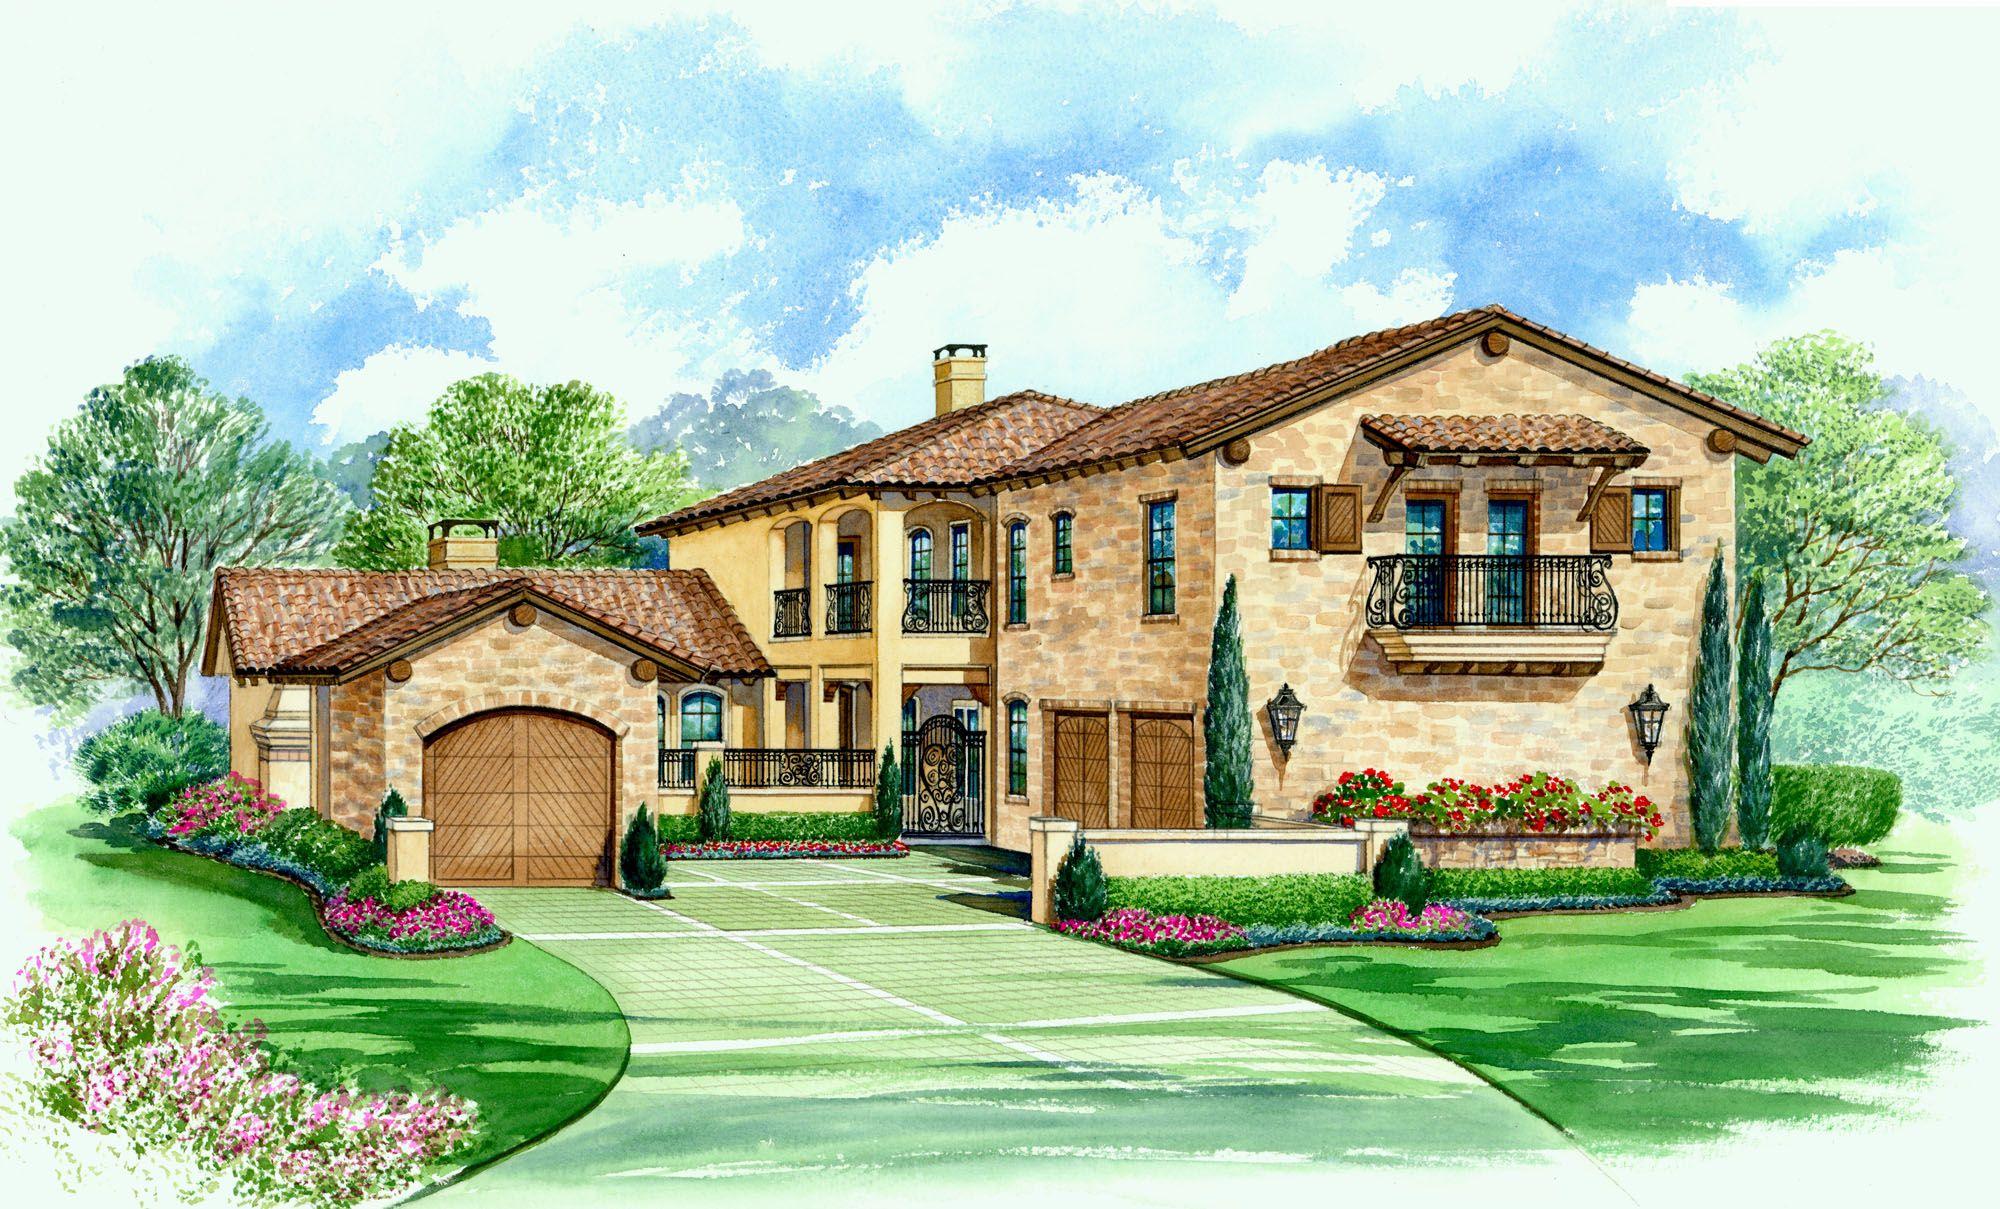 rialto house plan available at dallasdesigngroup com 214 801 961